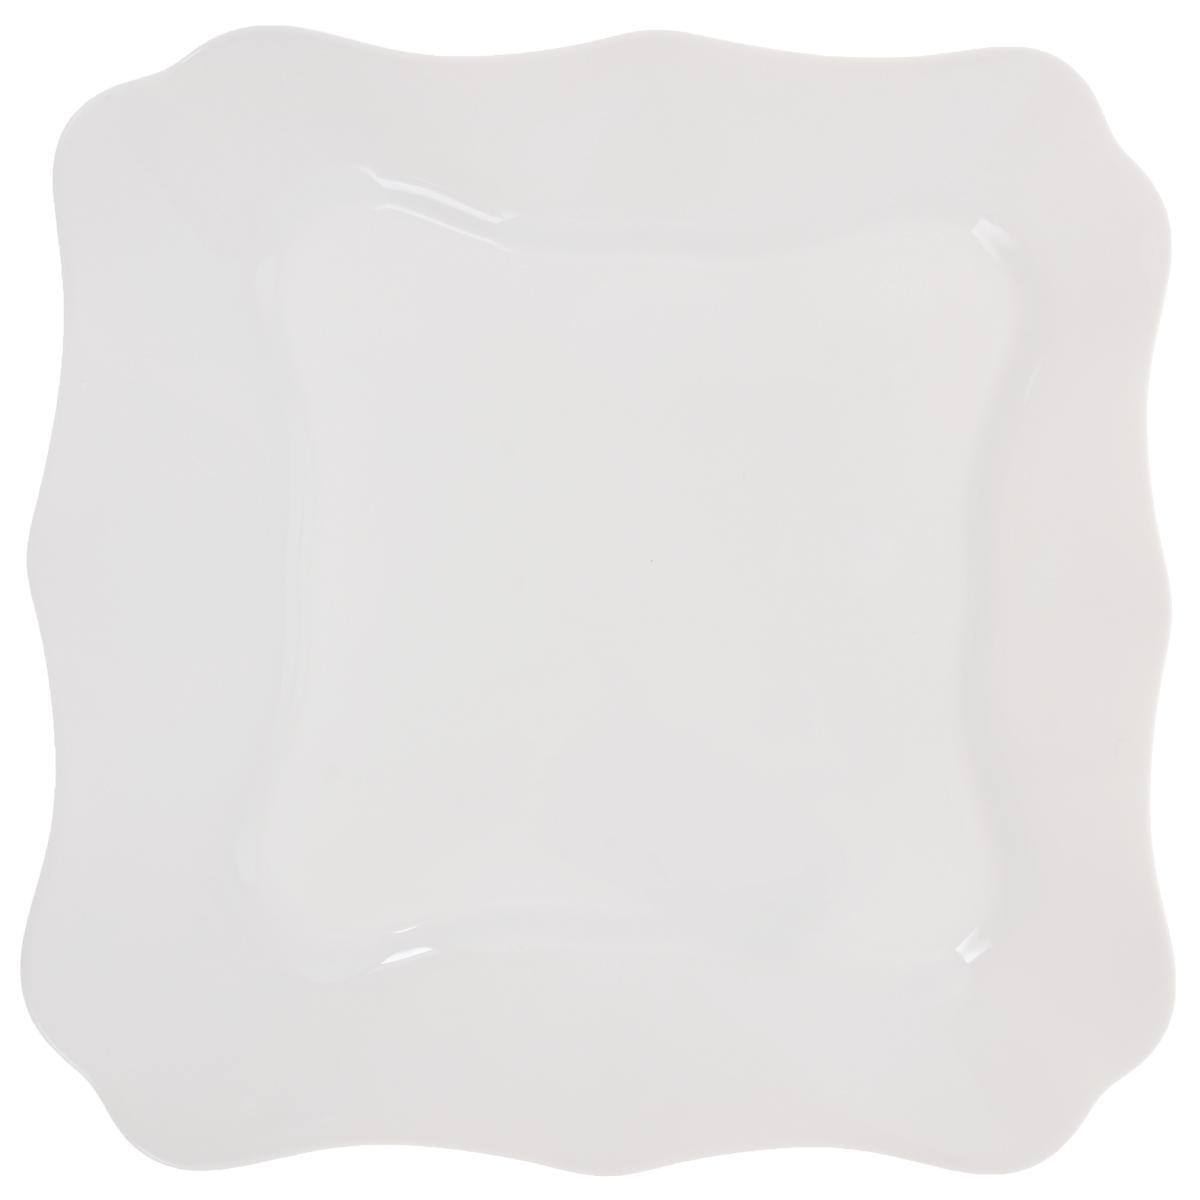 Тарелка десертная Luminarc Authentic White, 20 х 20 смJ4701Десертная тарелка Luminarc Authentic White, изготовленная из ударопрочного стекла, имеет изысканный внешний вид. Такая тарелка прекрасно подходит как для торжественных случаев, так и для повседневного использования. Идеальна для подачи десертов, пирожных, тортов и многого другого. Она прекрасно оформит стол и станет отличным дополнением к вашей коллекции кухонной посуды. Размер тарелки (по верхнему краю): 20 х 20 см.